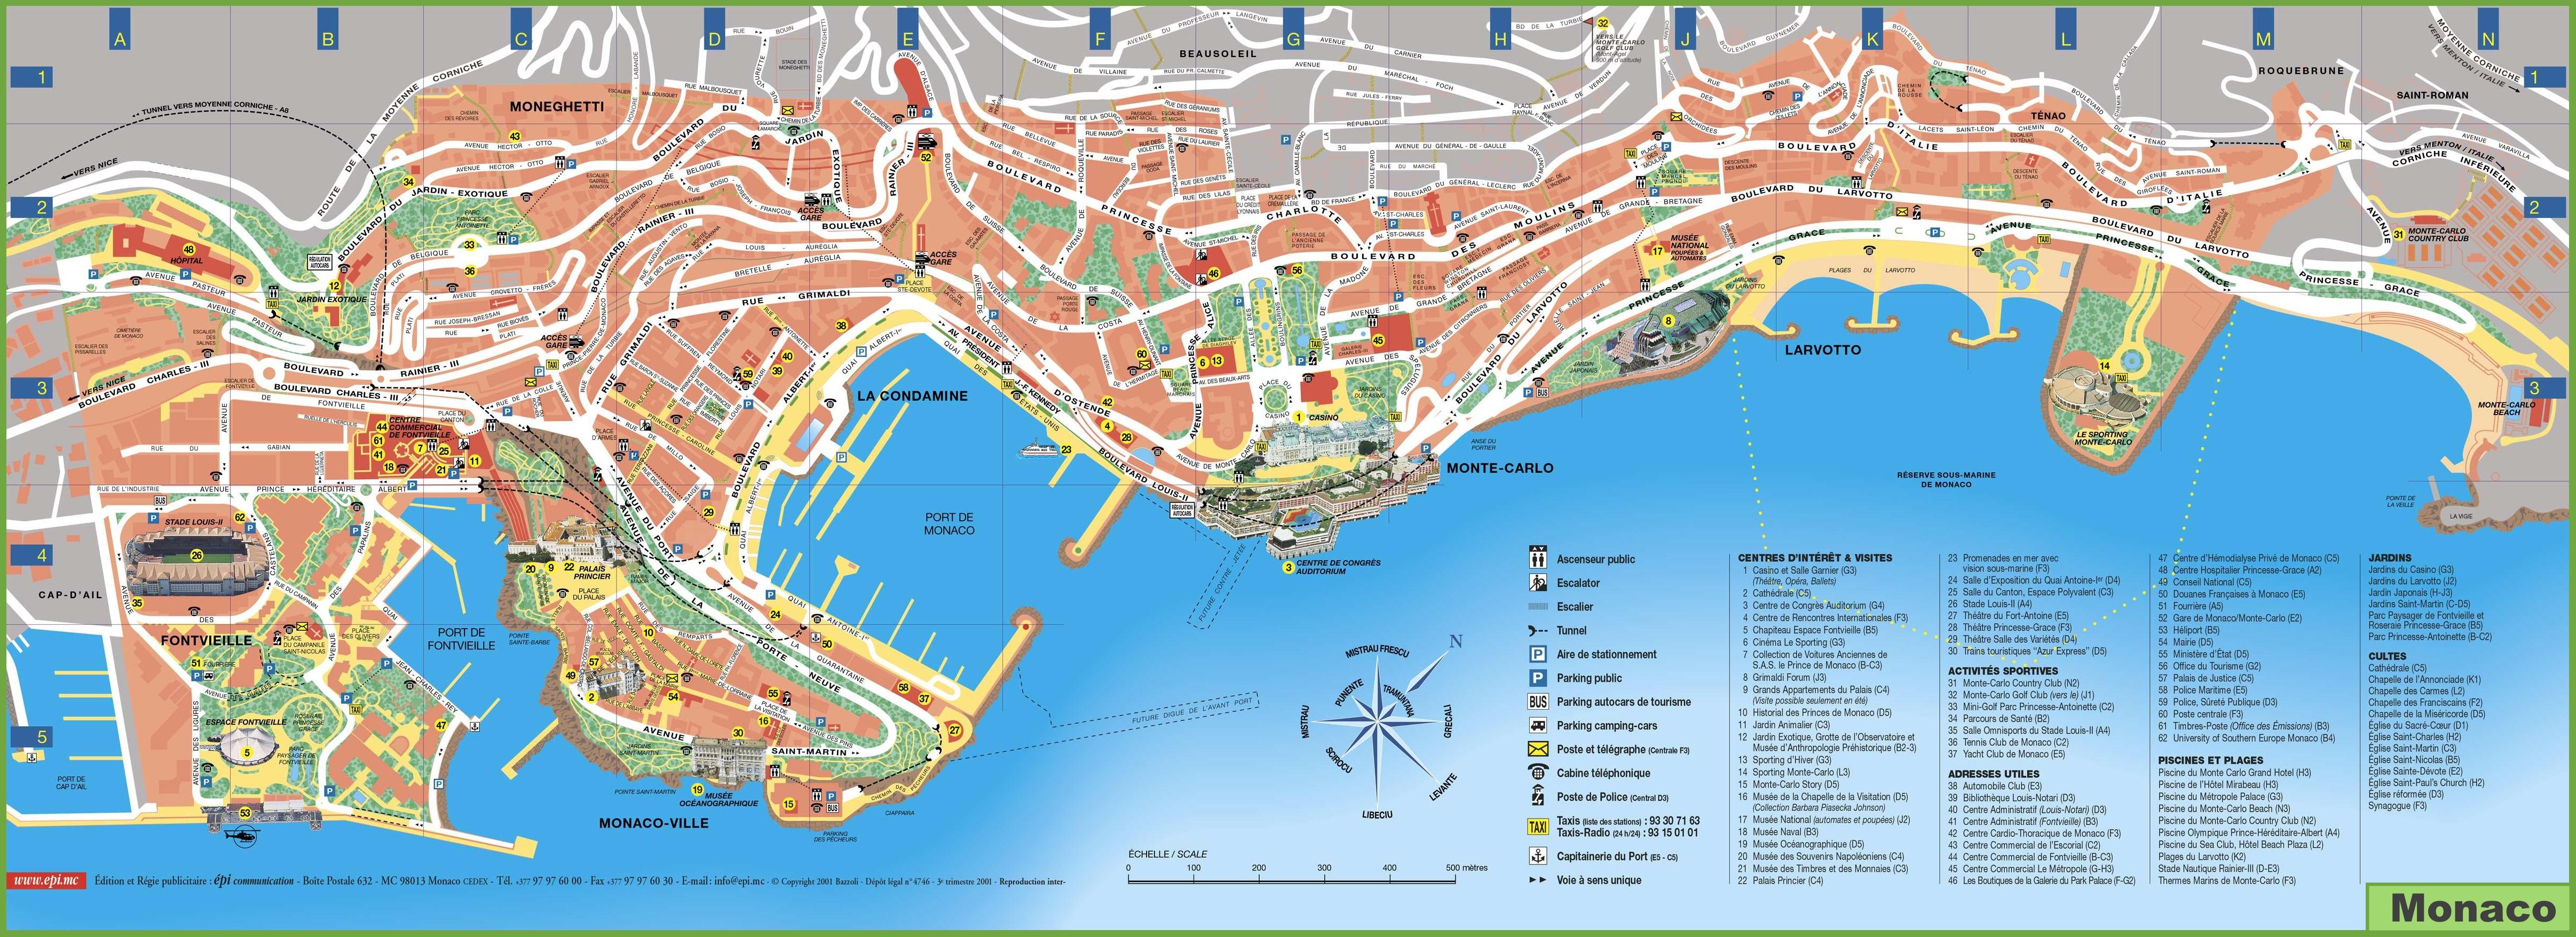 nizza látnivalók térkép A Côte d'Azur